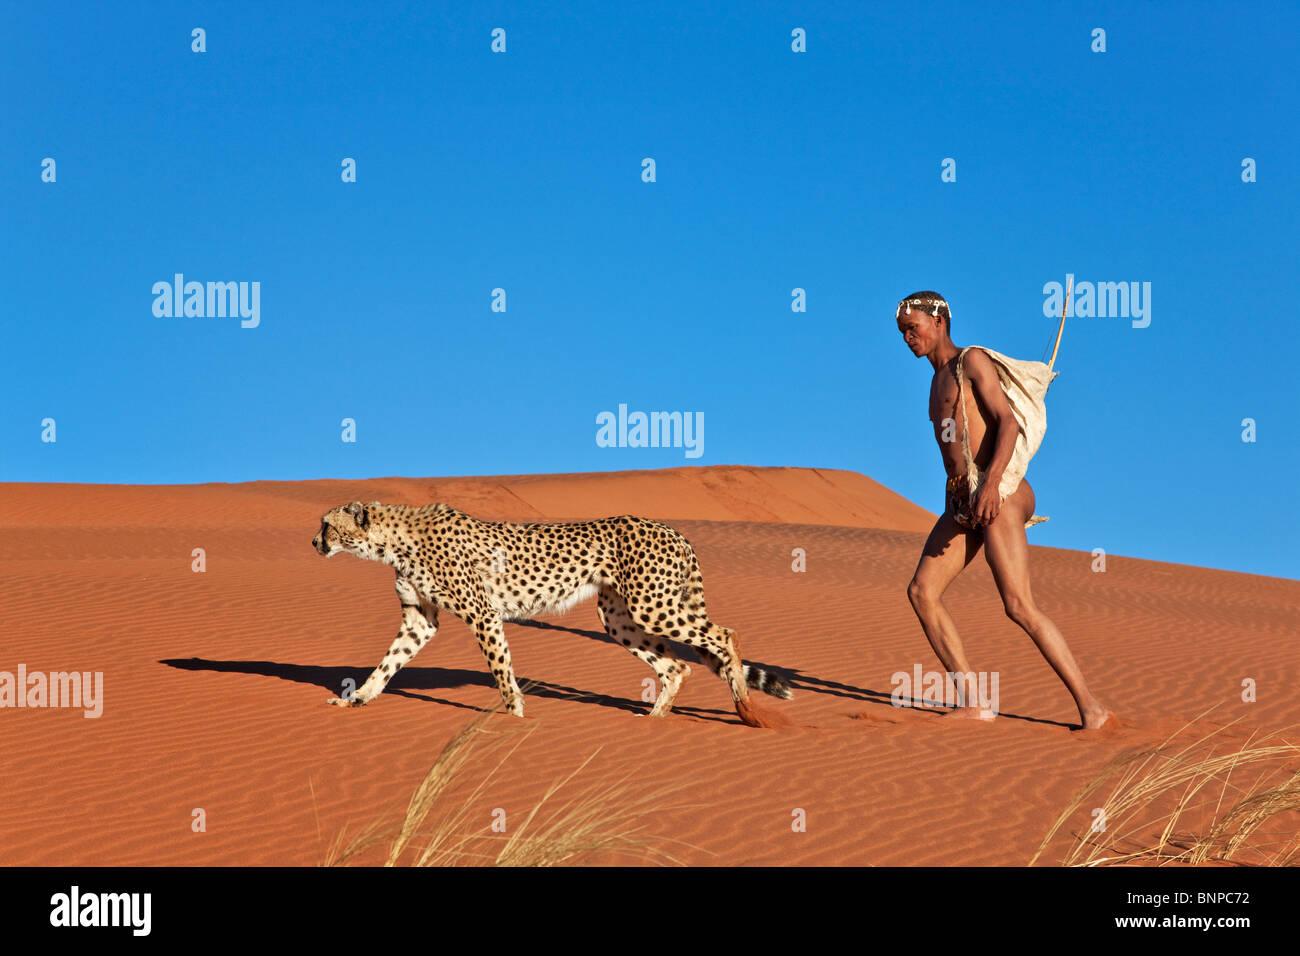 San cazador armado con arco y flechas tradicionales con cheetah Foto de stock